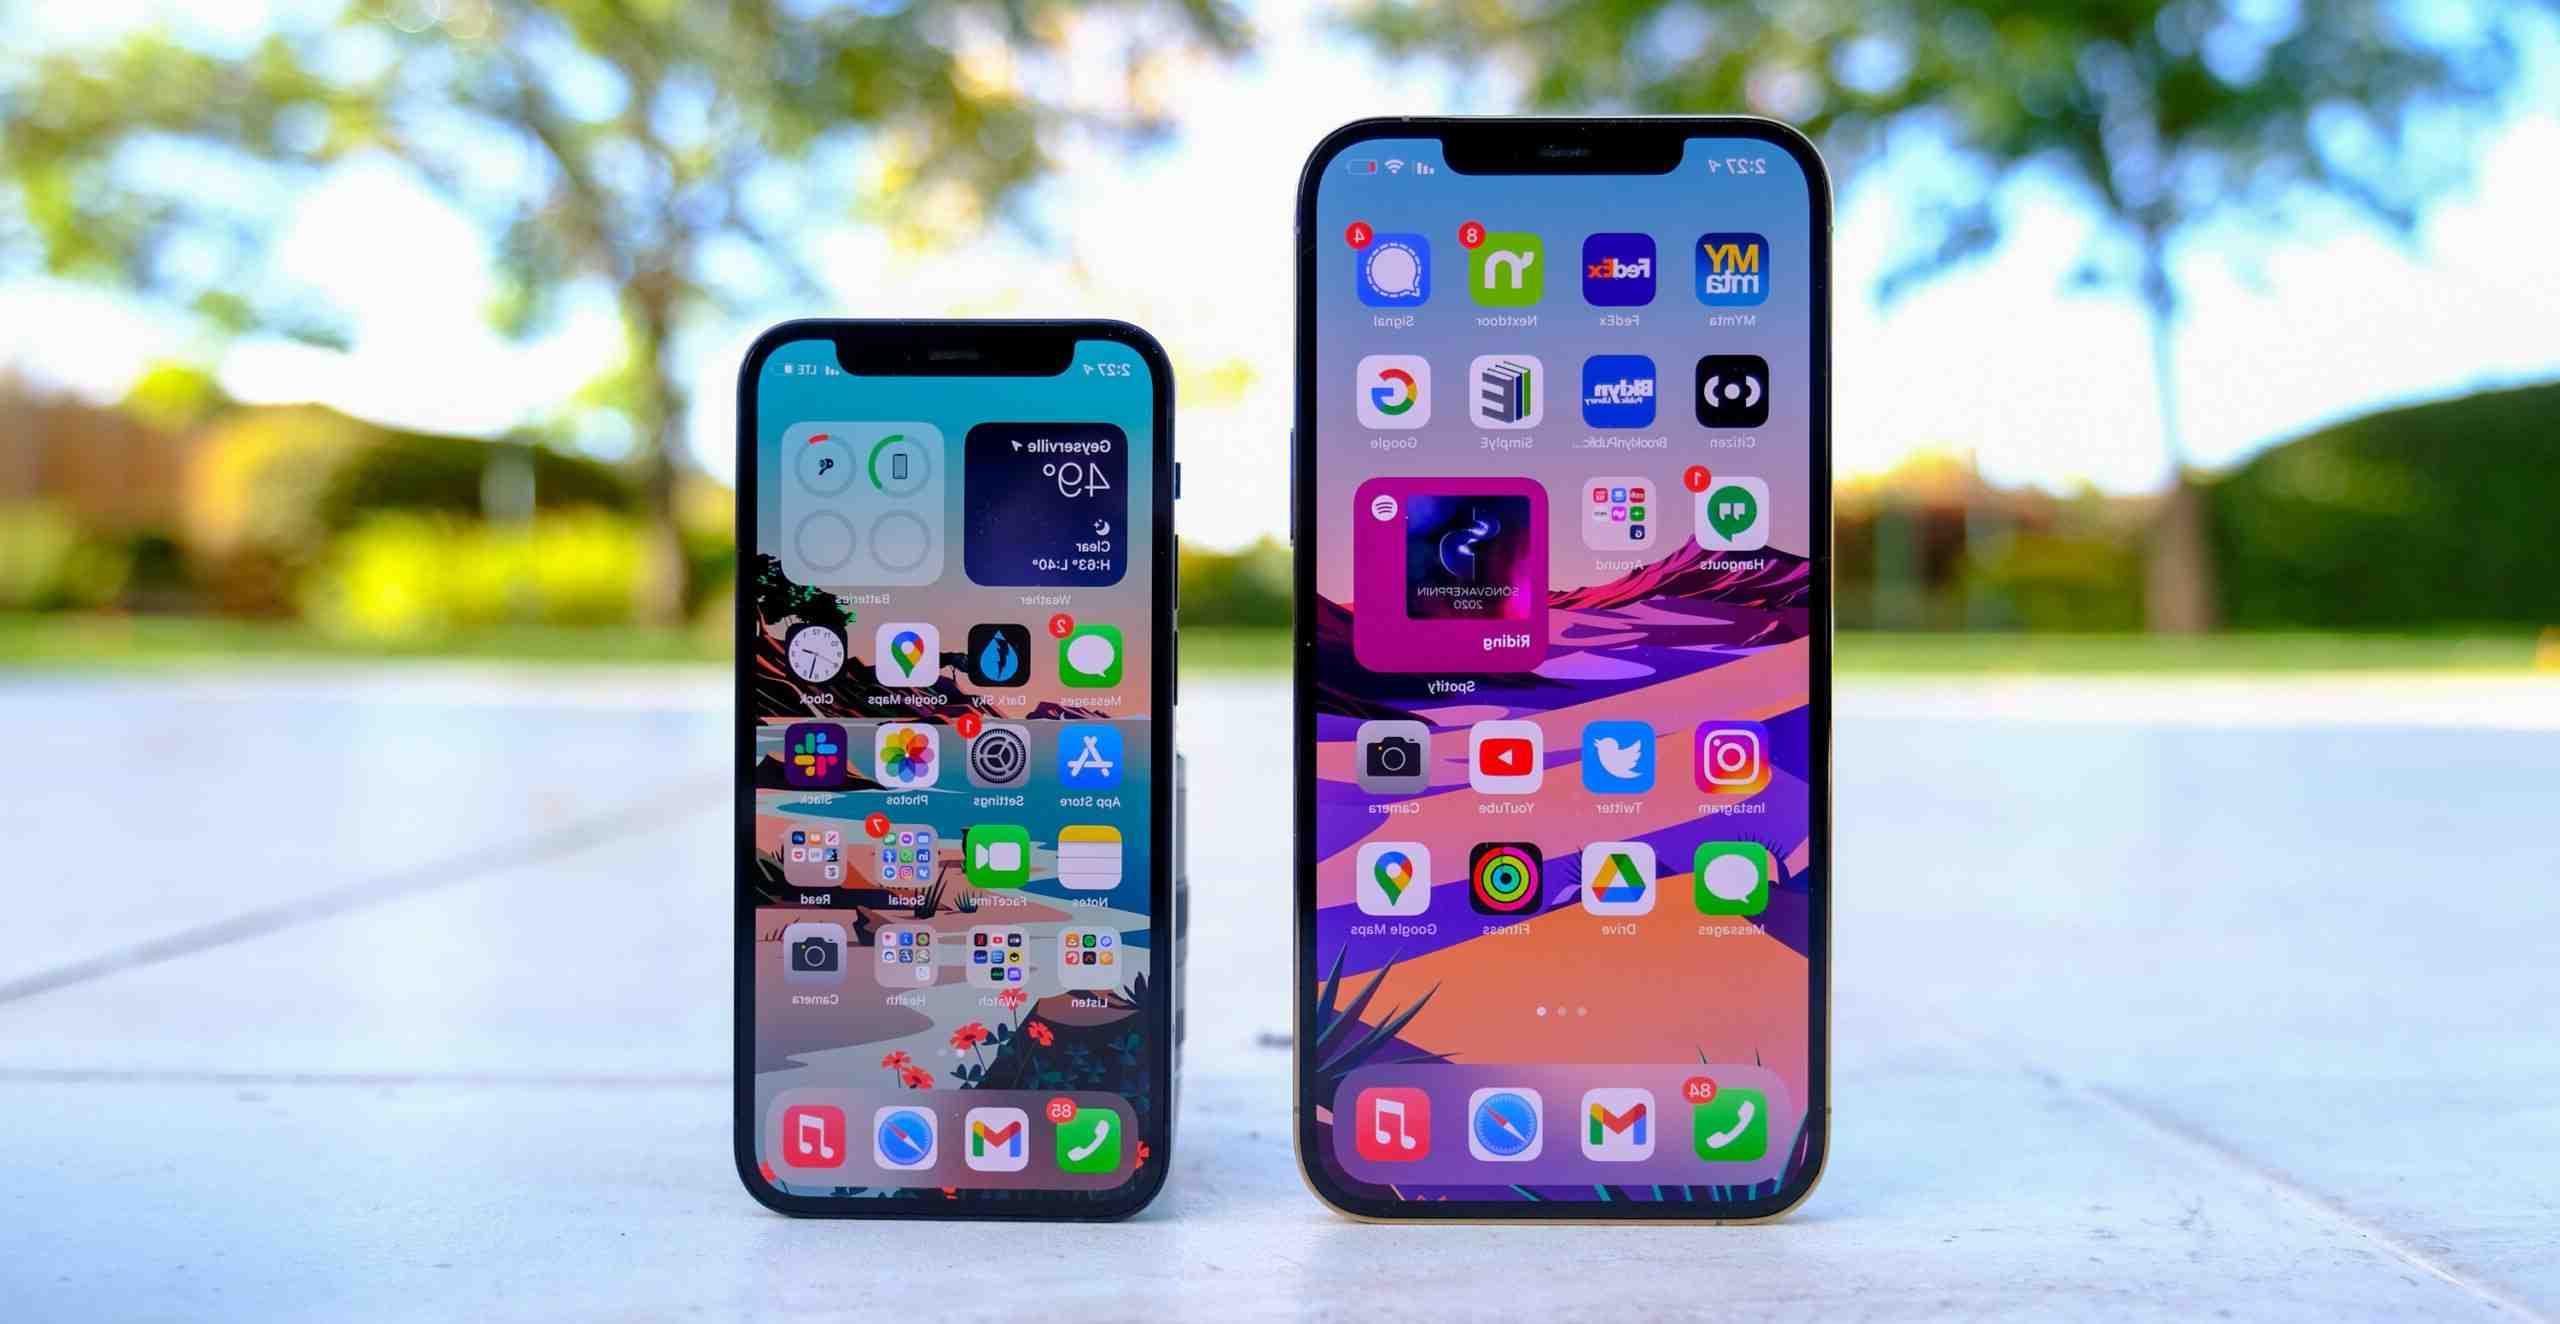 Quelle est le prix de l'iPhone 12 mini ?